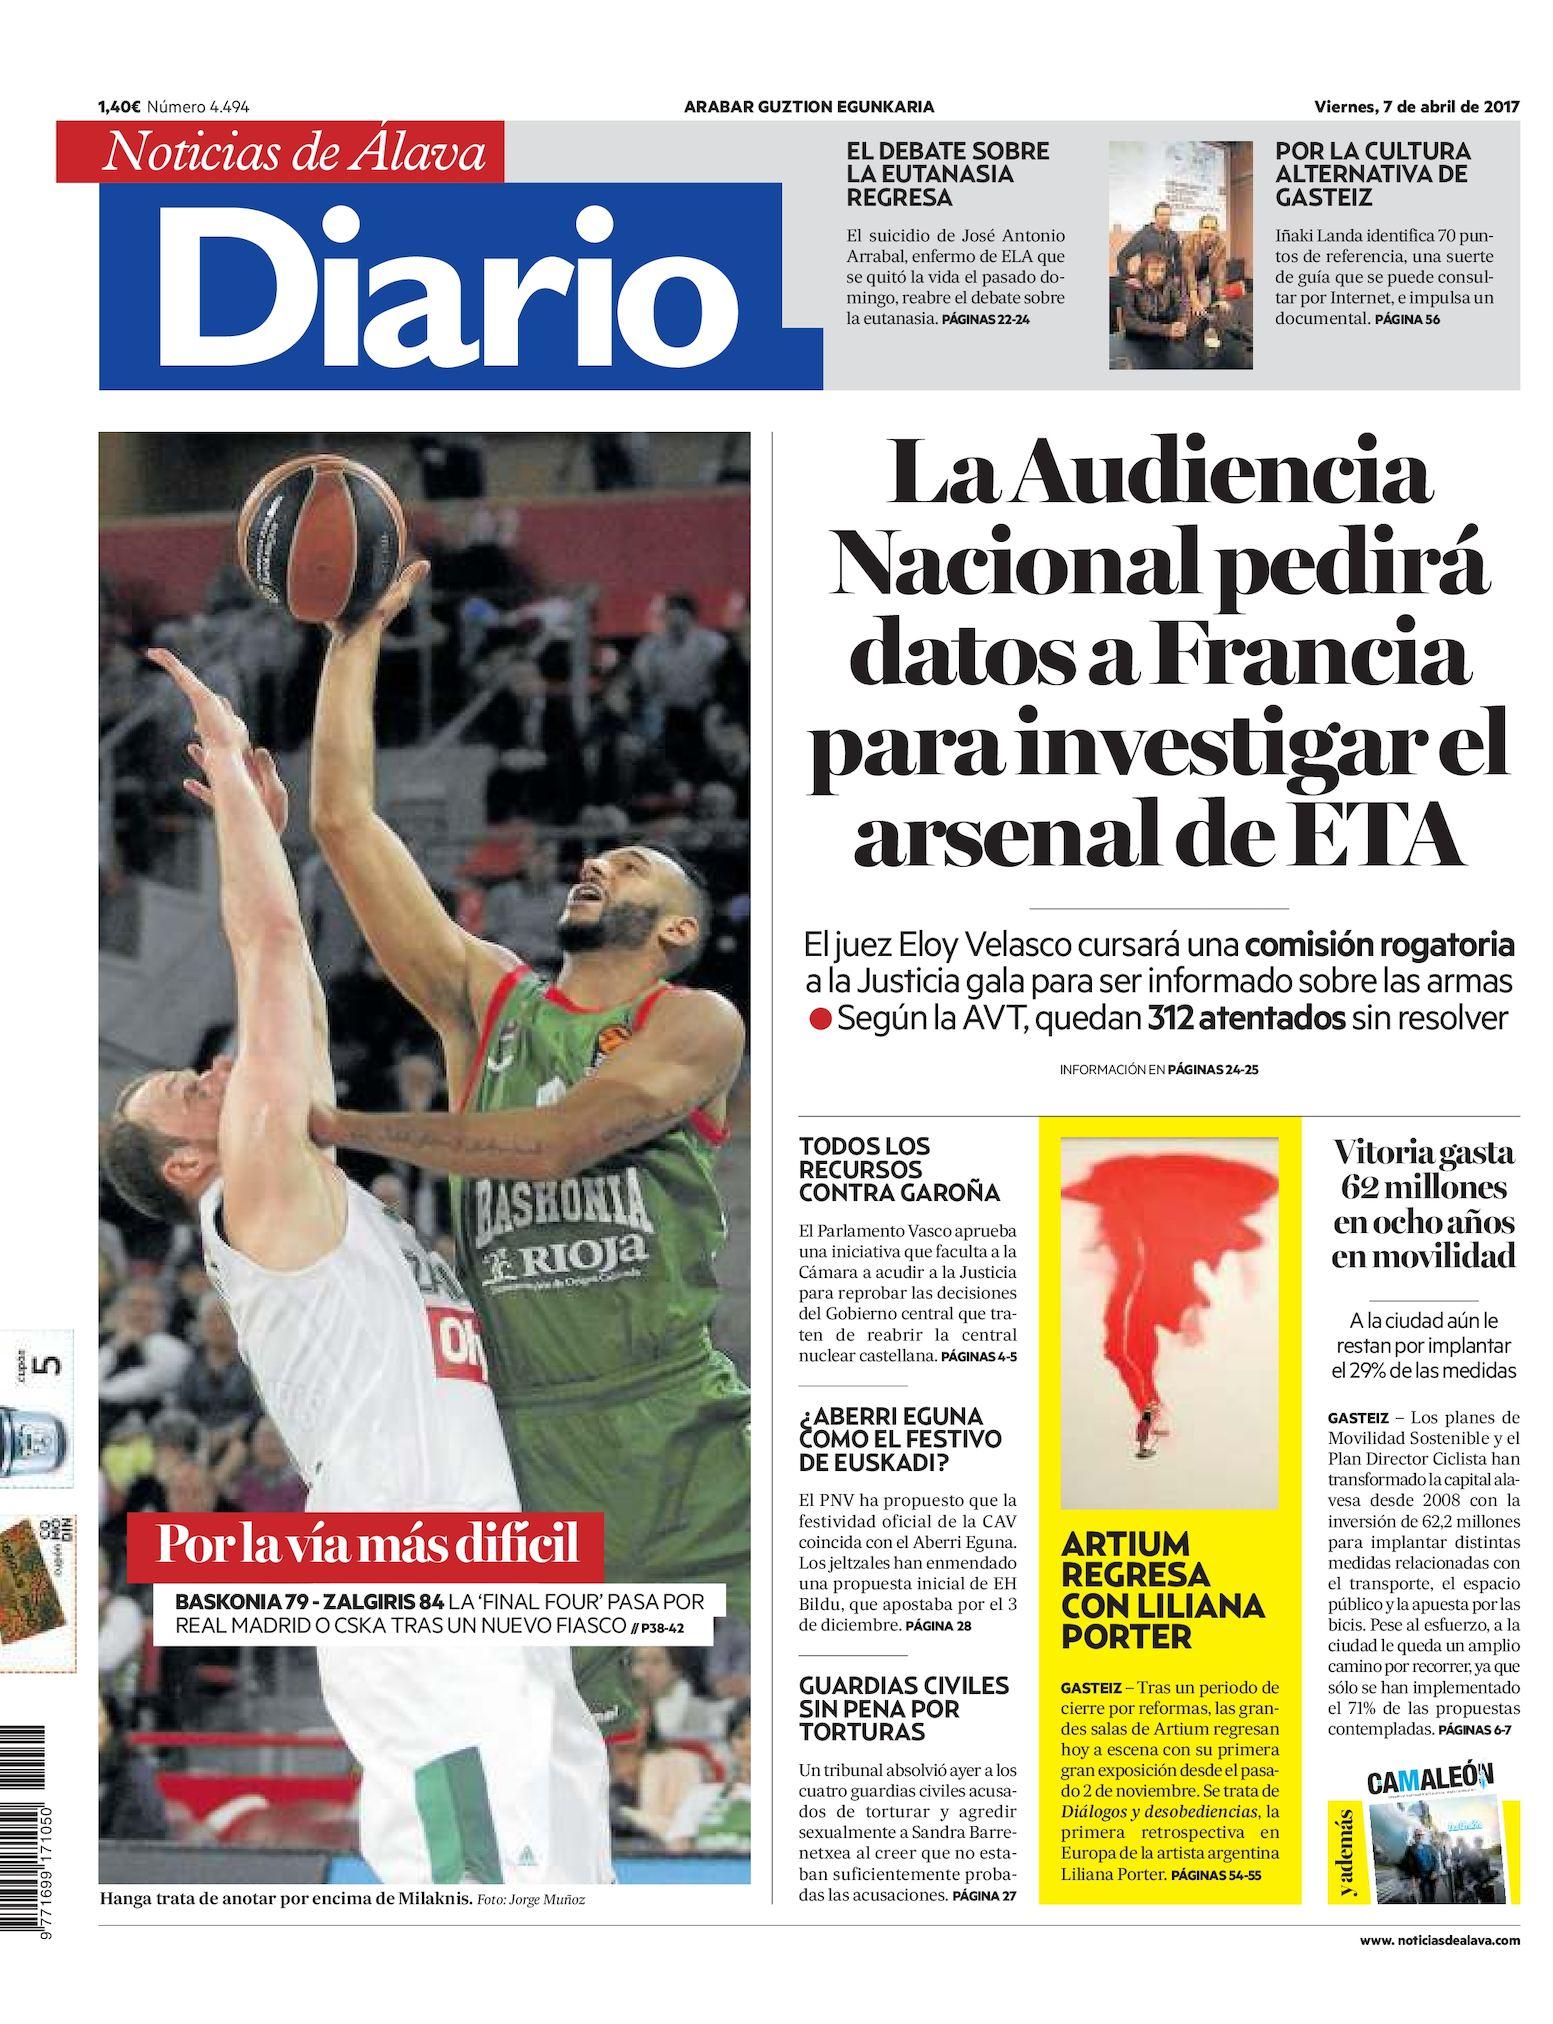 05eb72990d4 Calaméo - Diario de Noticias de Álava 20170407